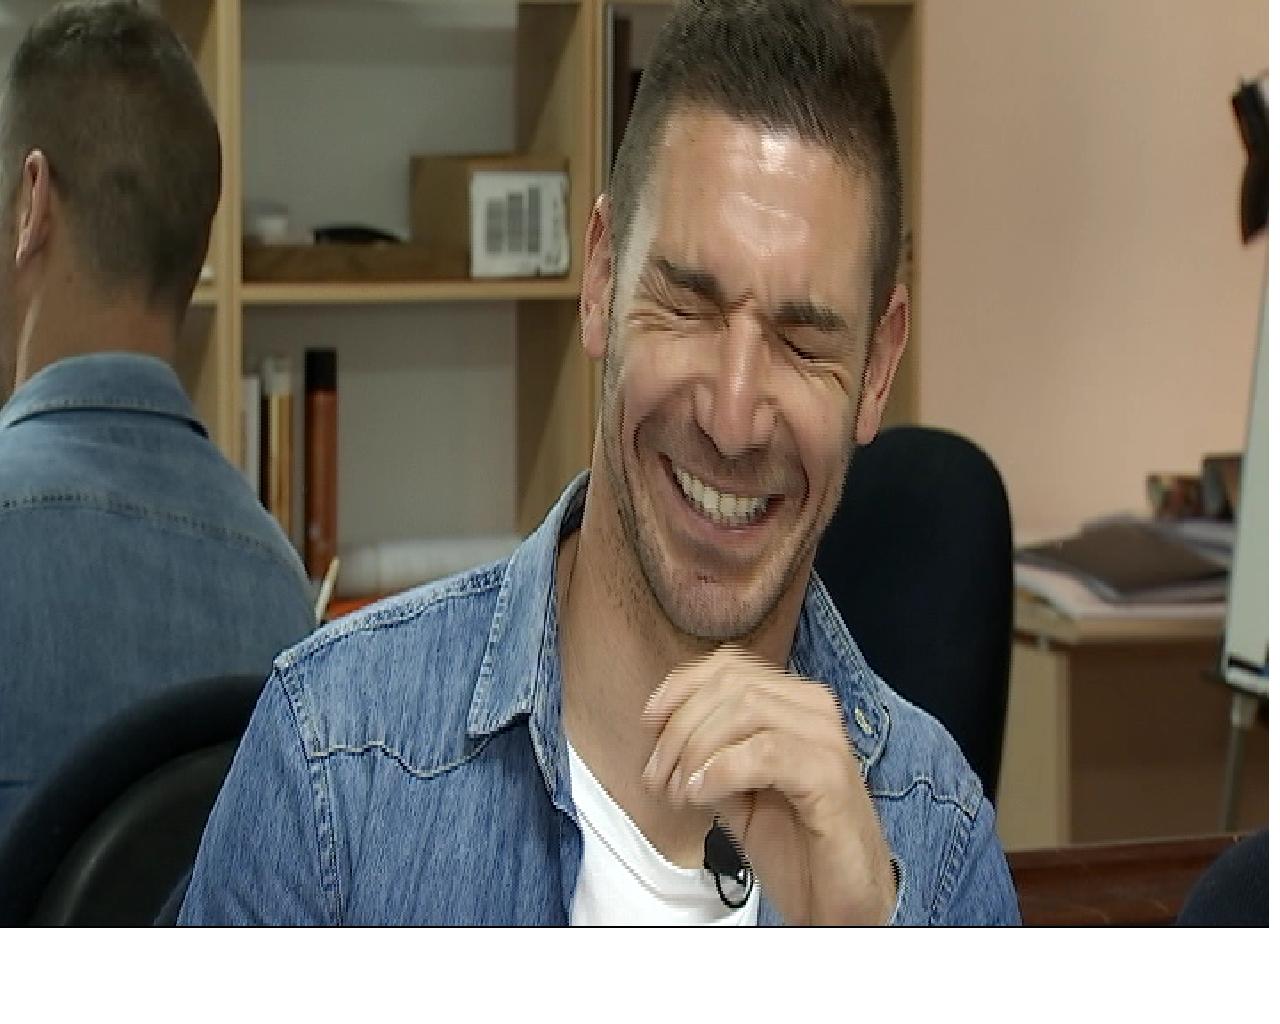 Chando+no+perd+el+somriure